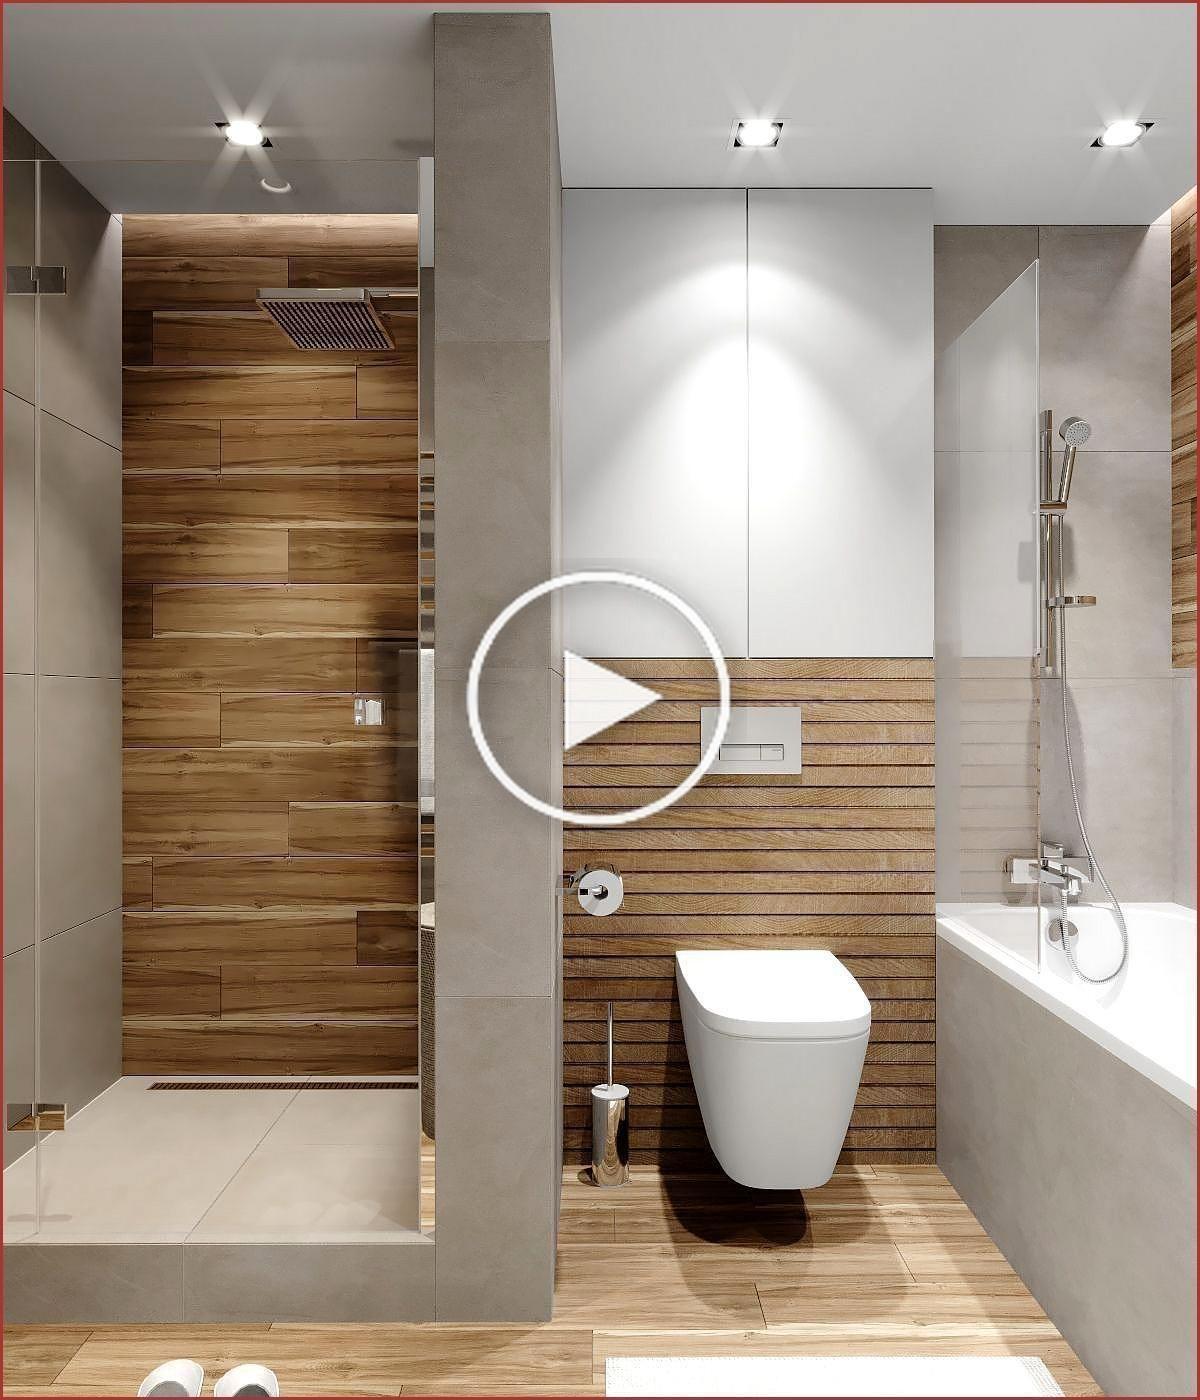 A B Studio Design Moderne Badkamer Kleinebadezimmer Badezimmer Badezimmer Badkamer In 2020 Modern Bathroom Design Modern Bathroom Interior Design Bedroom